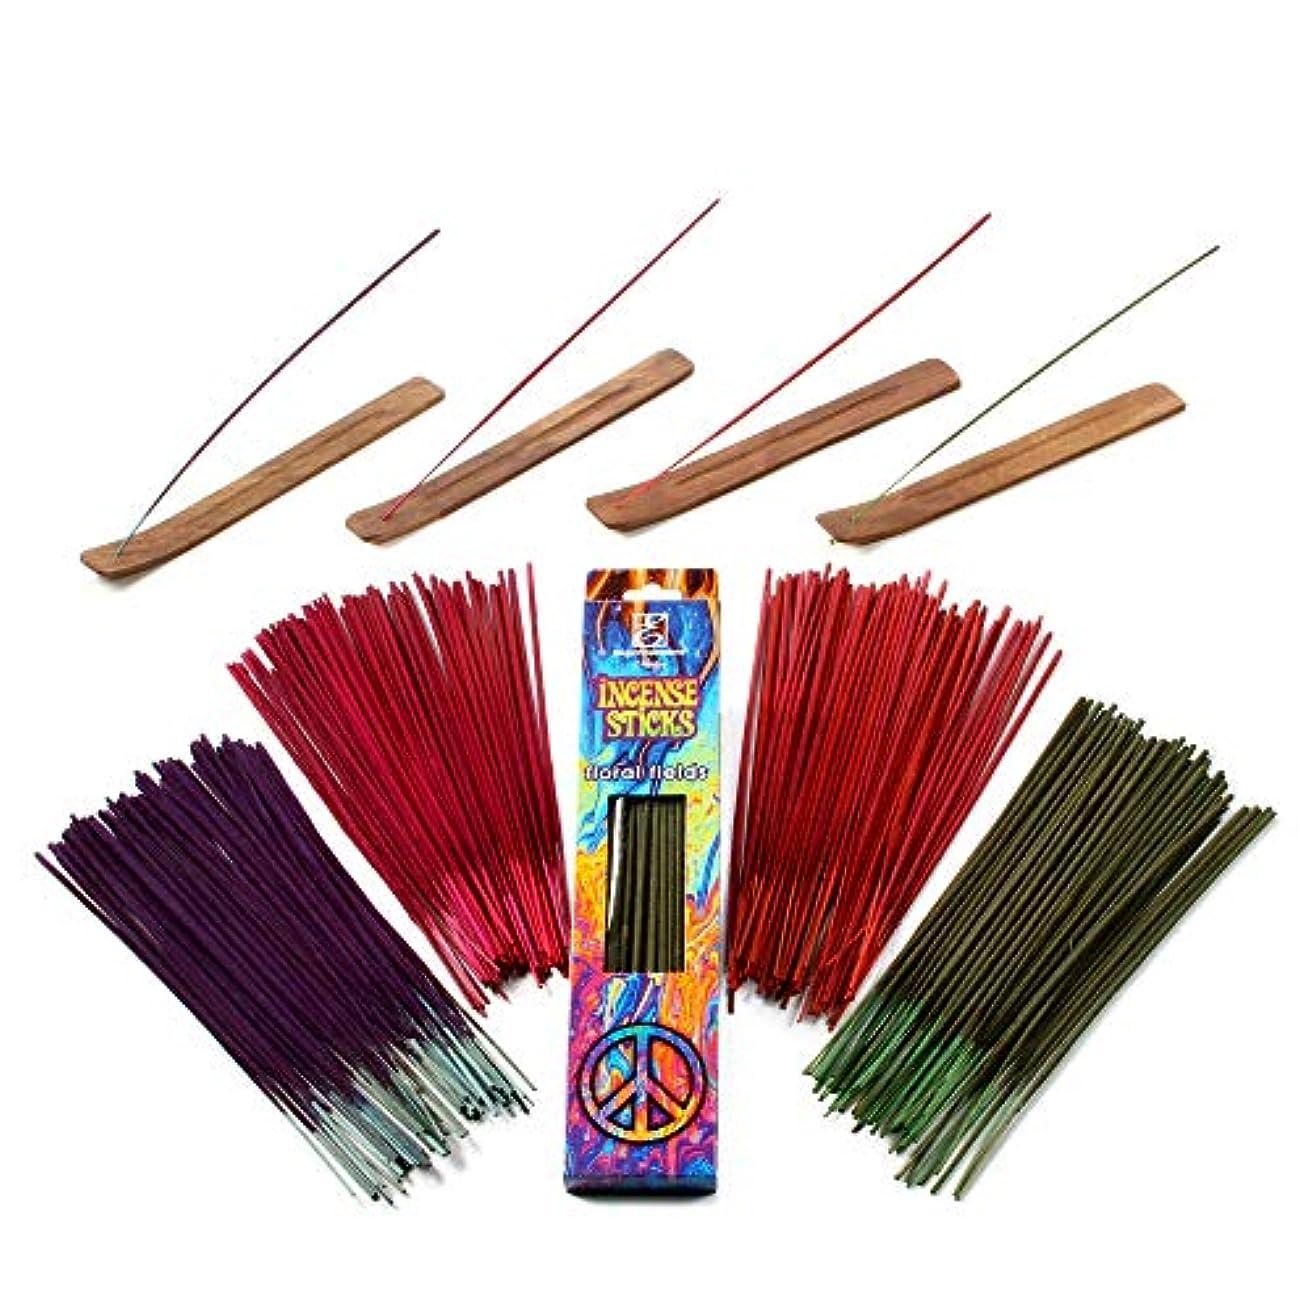 たぶん本気収束するHosley 260パックAssorted Incense Sticksブラックチェリー、花柄フィールド、Mystical Trails、& Strawberry with 4ホルダー理想の結婚式、Spa ,レイキ、アロマセラピー...